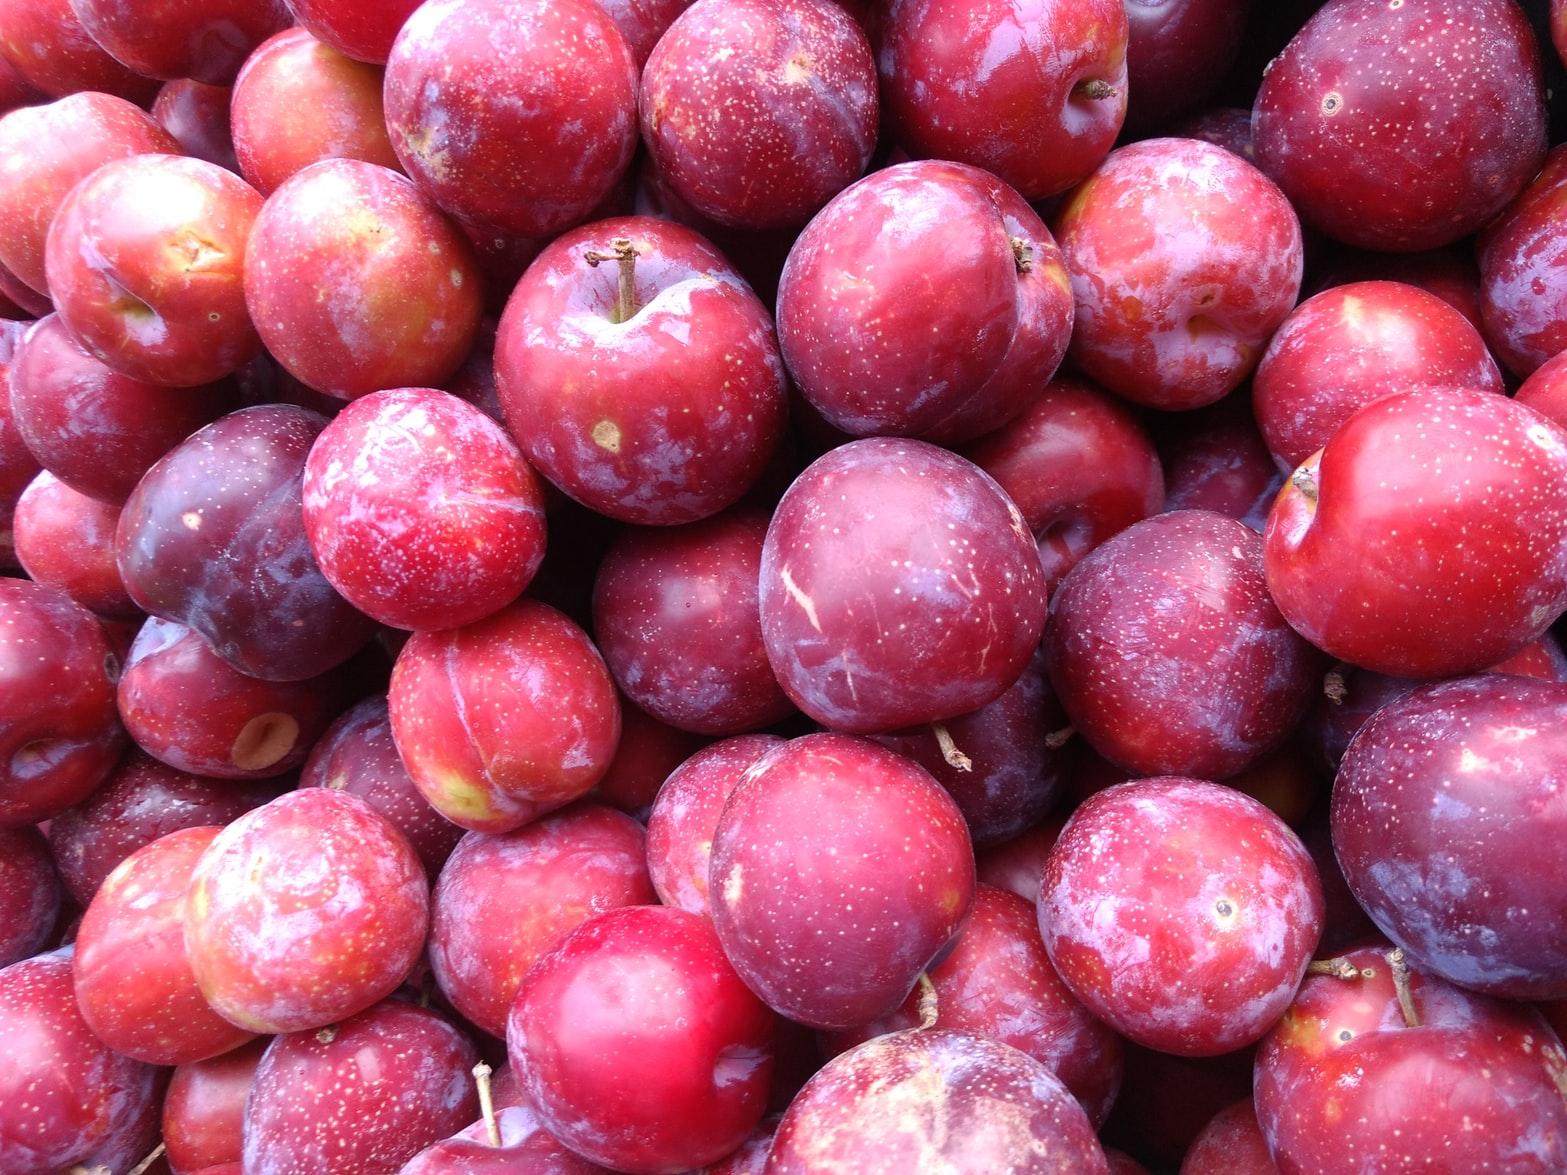 Para emagrecer, escolha frutas com menos carboidrato